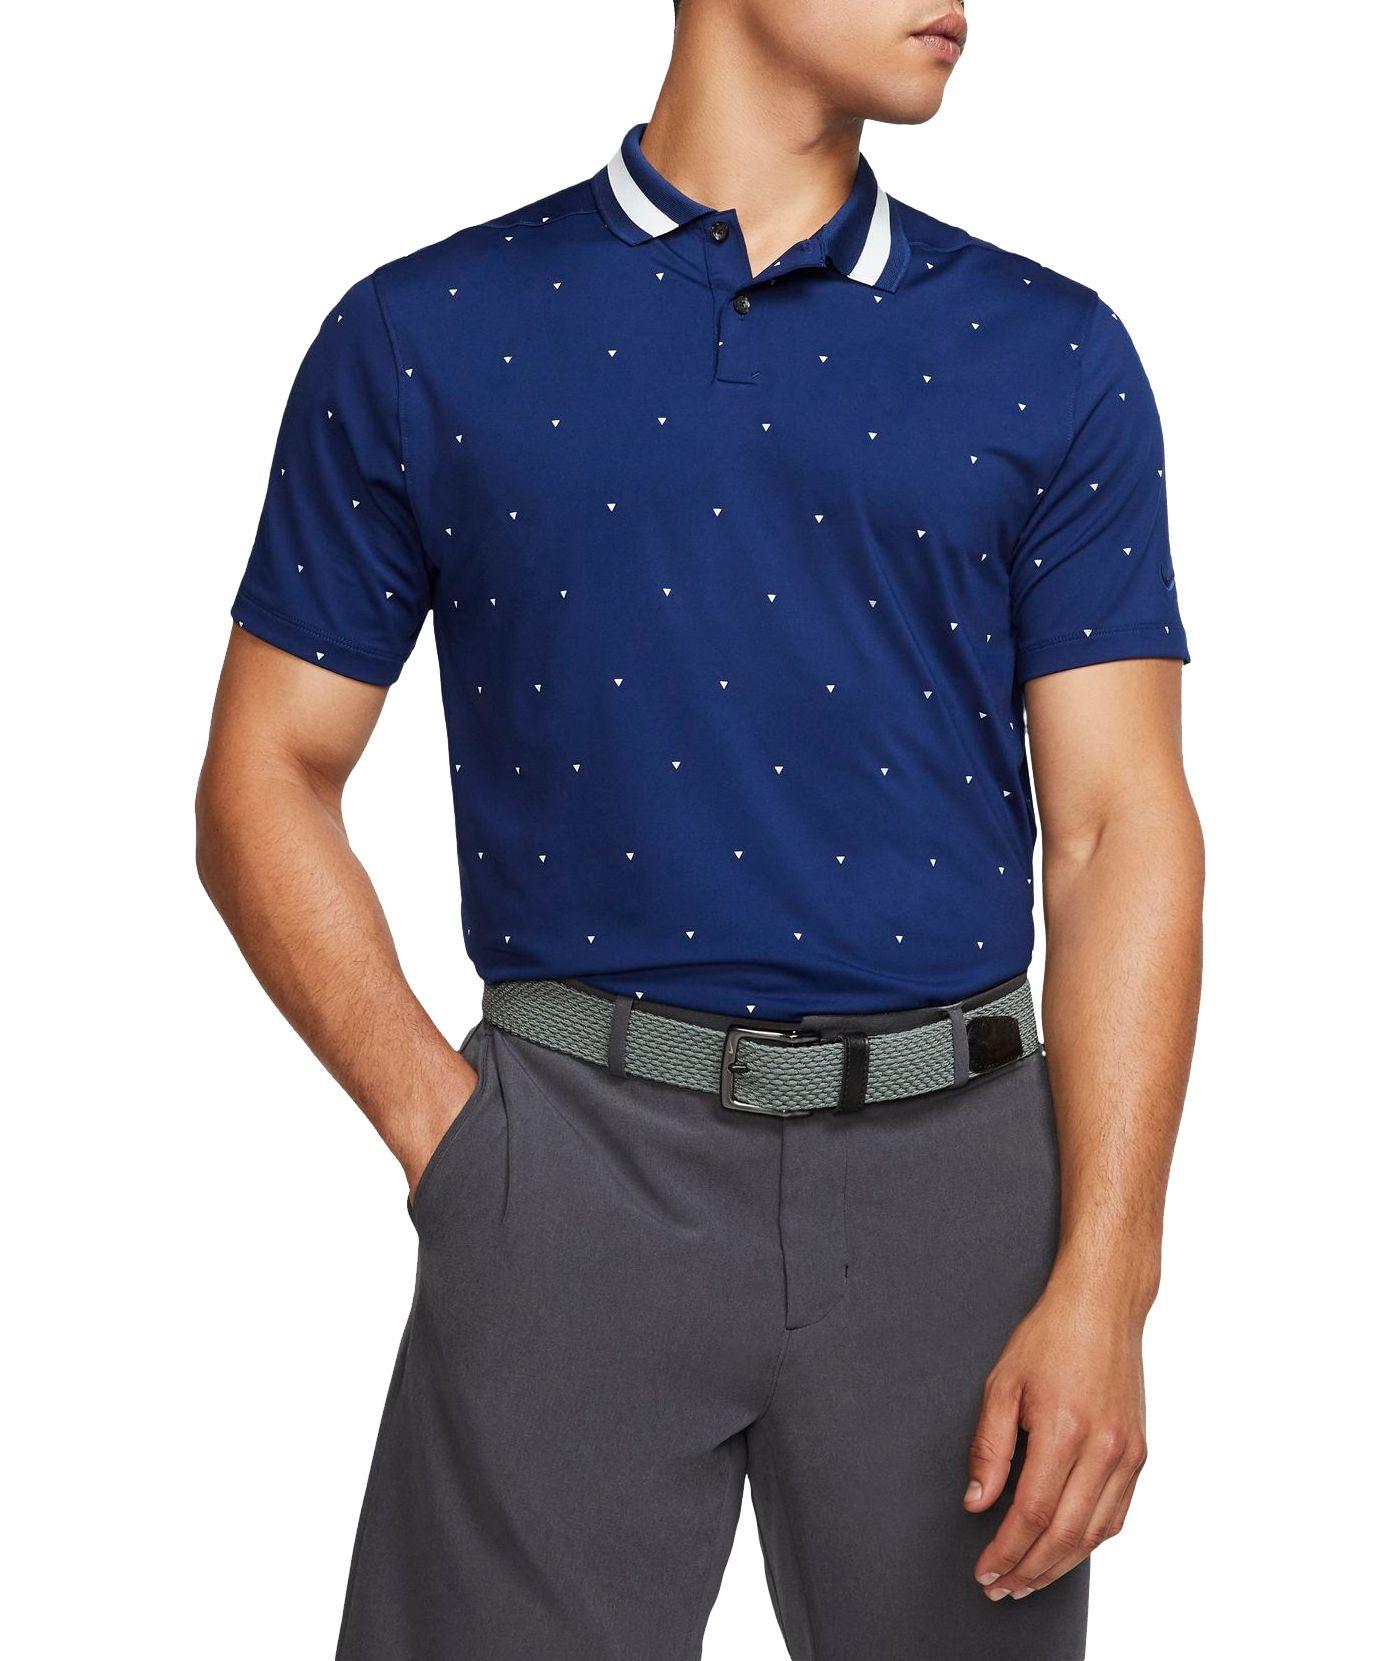 Nike Men's Vapor Triangle Golf Polo